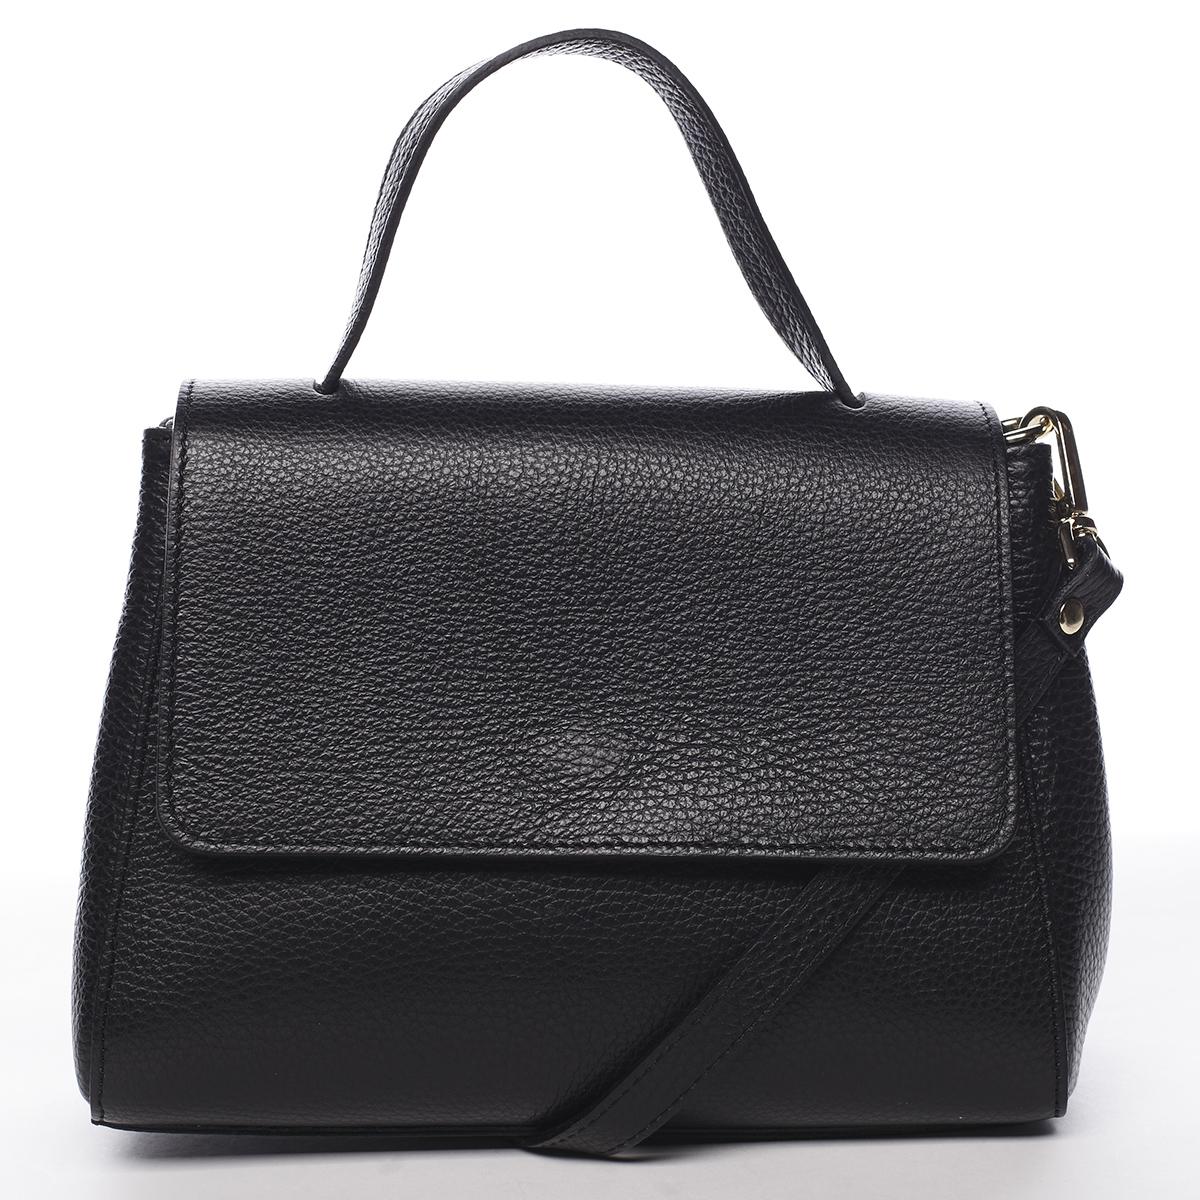 Dámska kožená kabelka do ruky čierna - ItalY Fatismy čierna